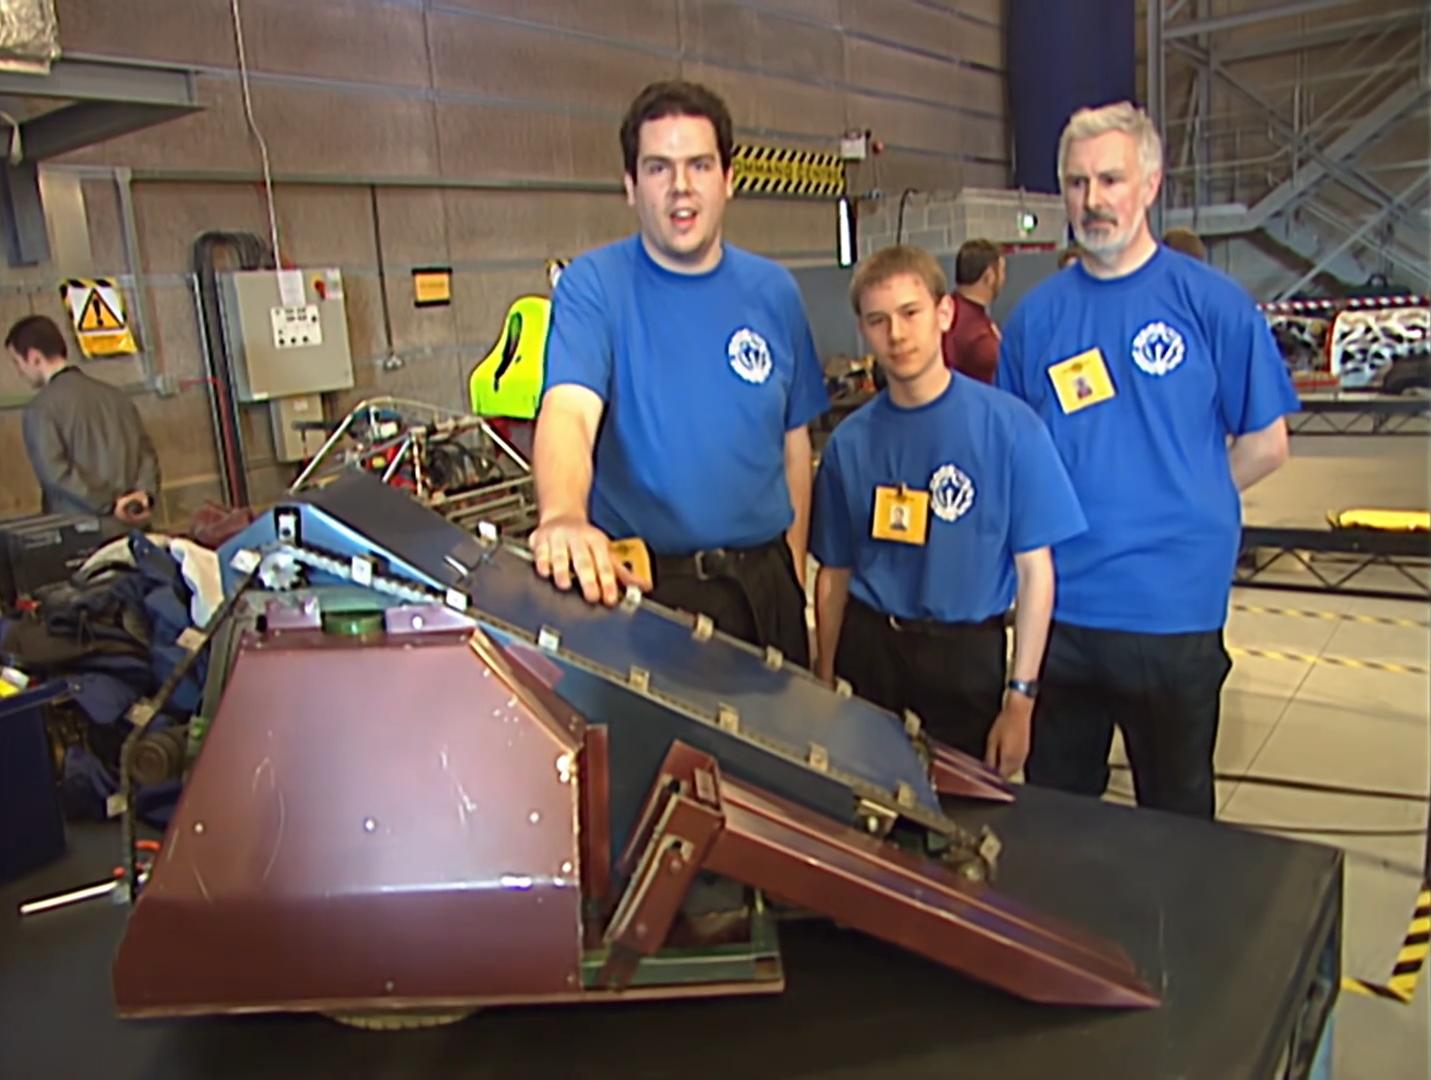 File:Forklift's revenge team.JPG